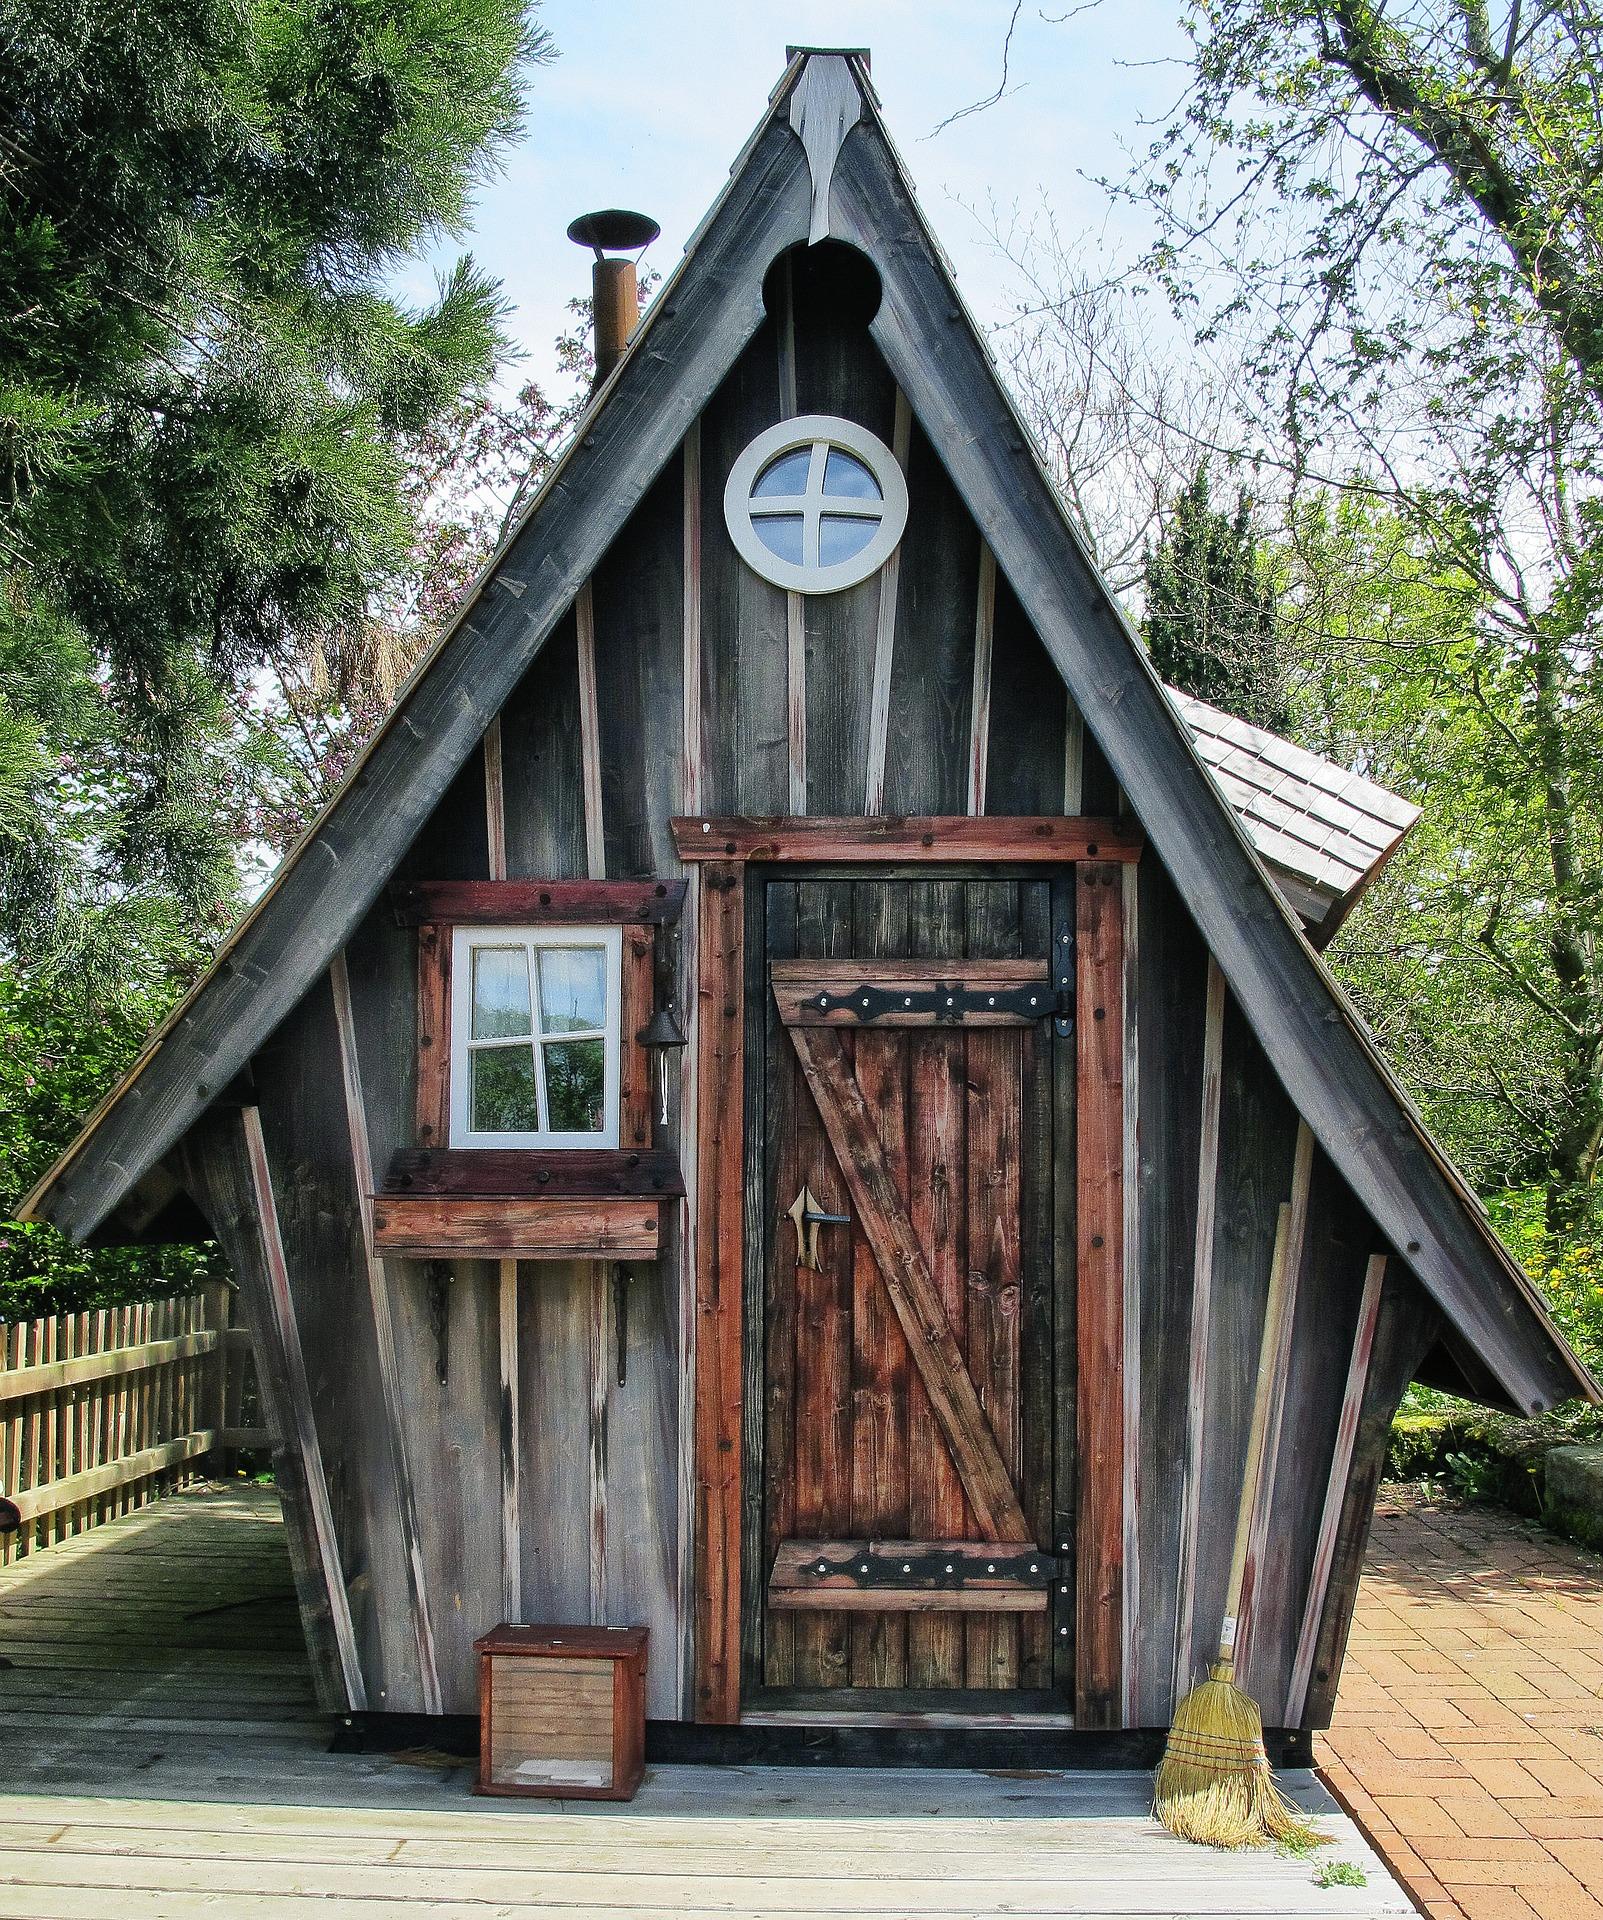 Beliebt Wie kann ich mein Gartenhaus winterfest machen? - SAUERLAND GmbH YS52